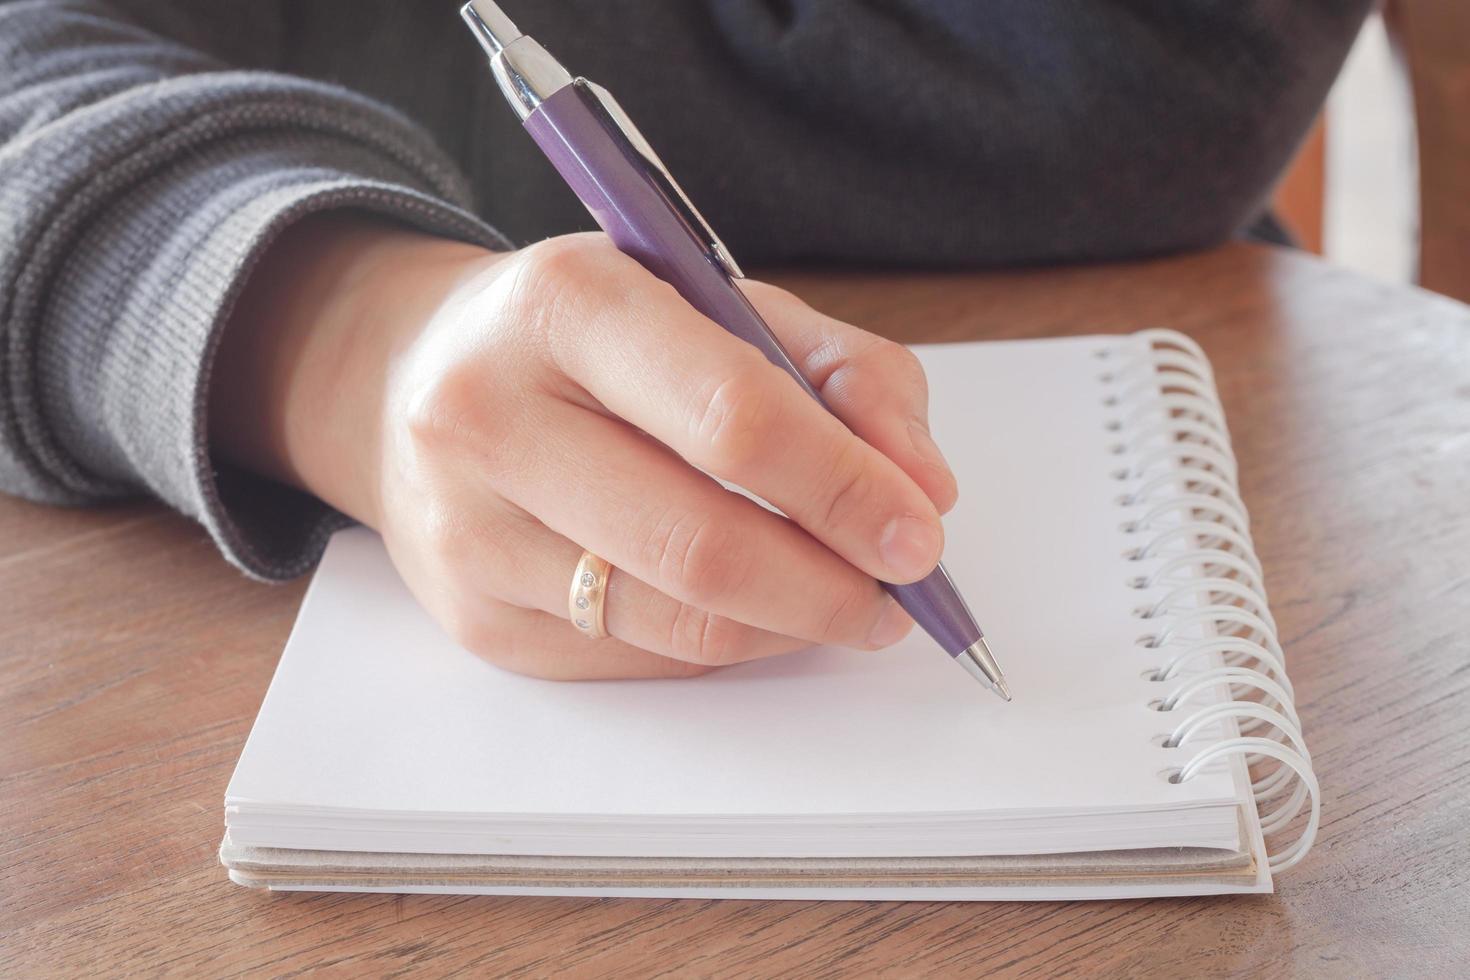 primo piano di una persona che scrive in un taccuino foto